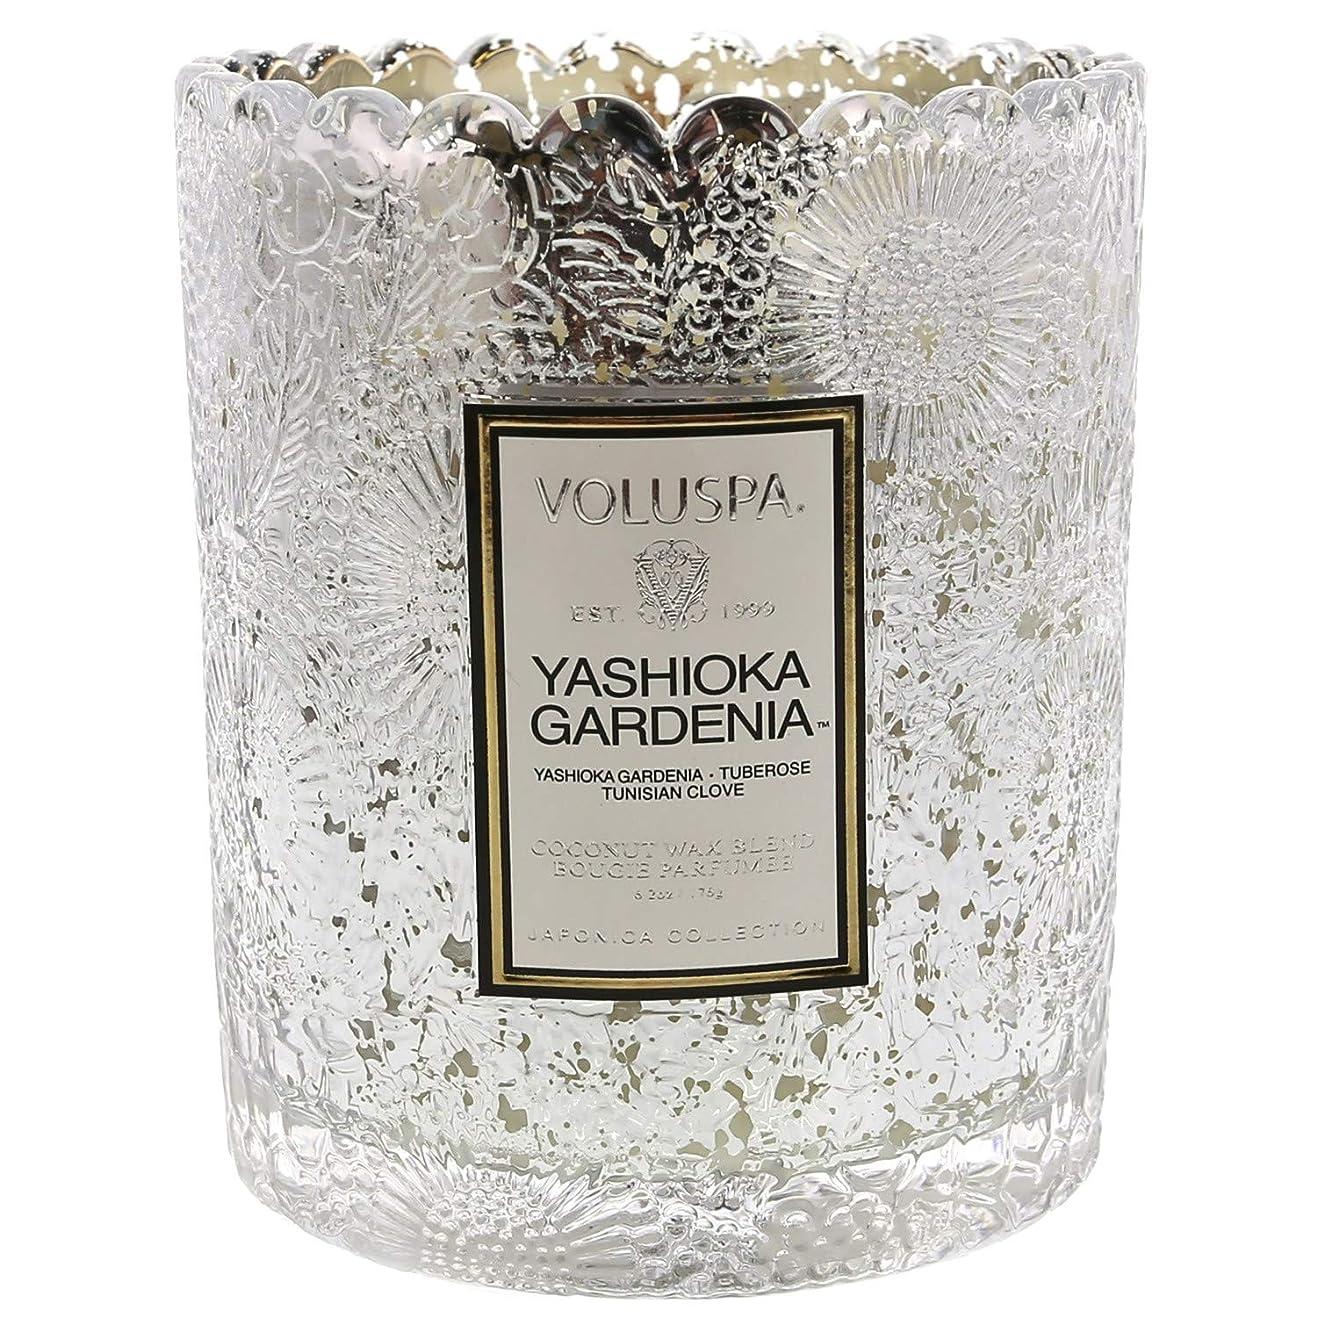 航海のめったに恒久的Voluspa ボルスパ ジャポニカ リミテッド スカラップグラスキャンドル  ヤシオカガーデニア YASHIOKA GARDENIA JAPONICA Limited SCALLOPED EDGE Glass Candle